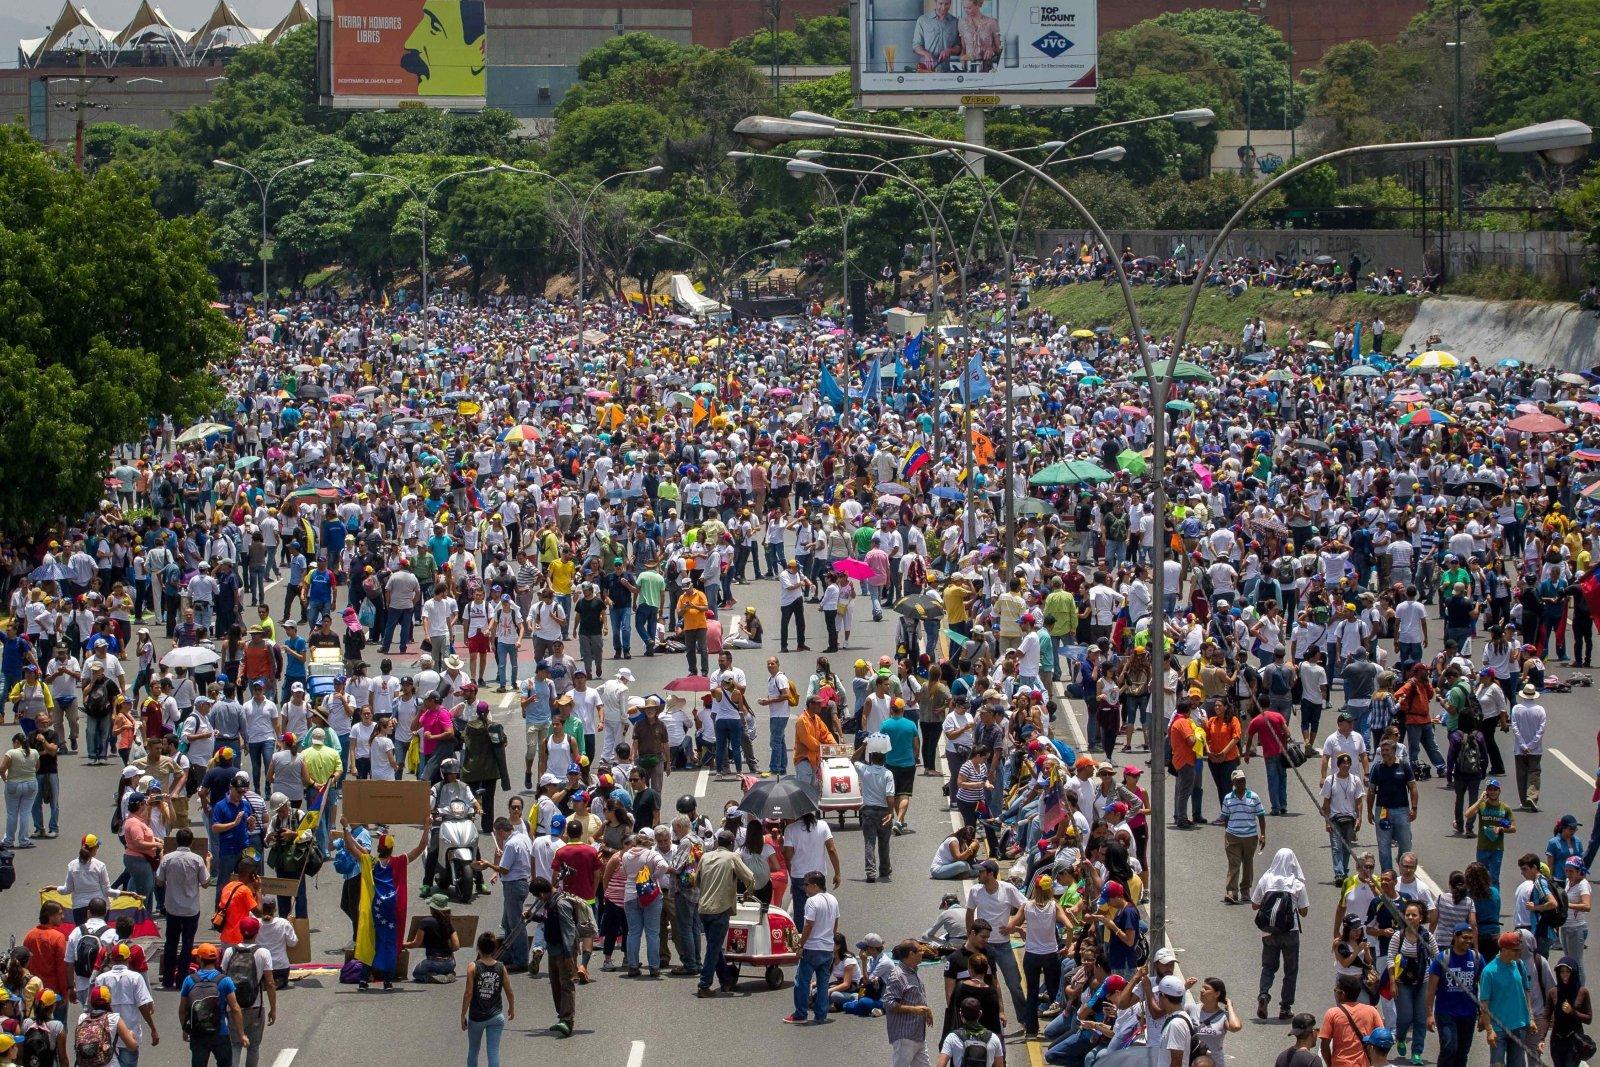 W Caracas, stolicy Wenezueli, trwają antyrządowe demonstracje.